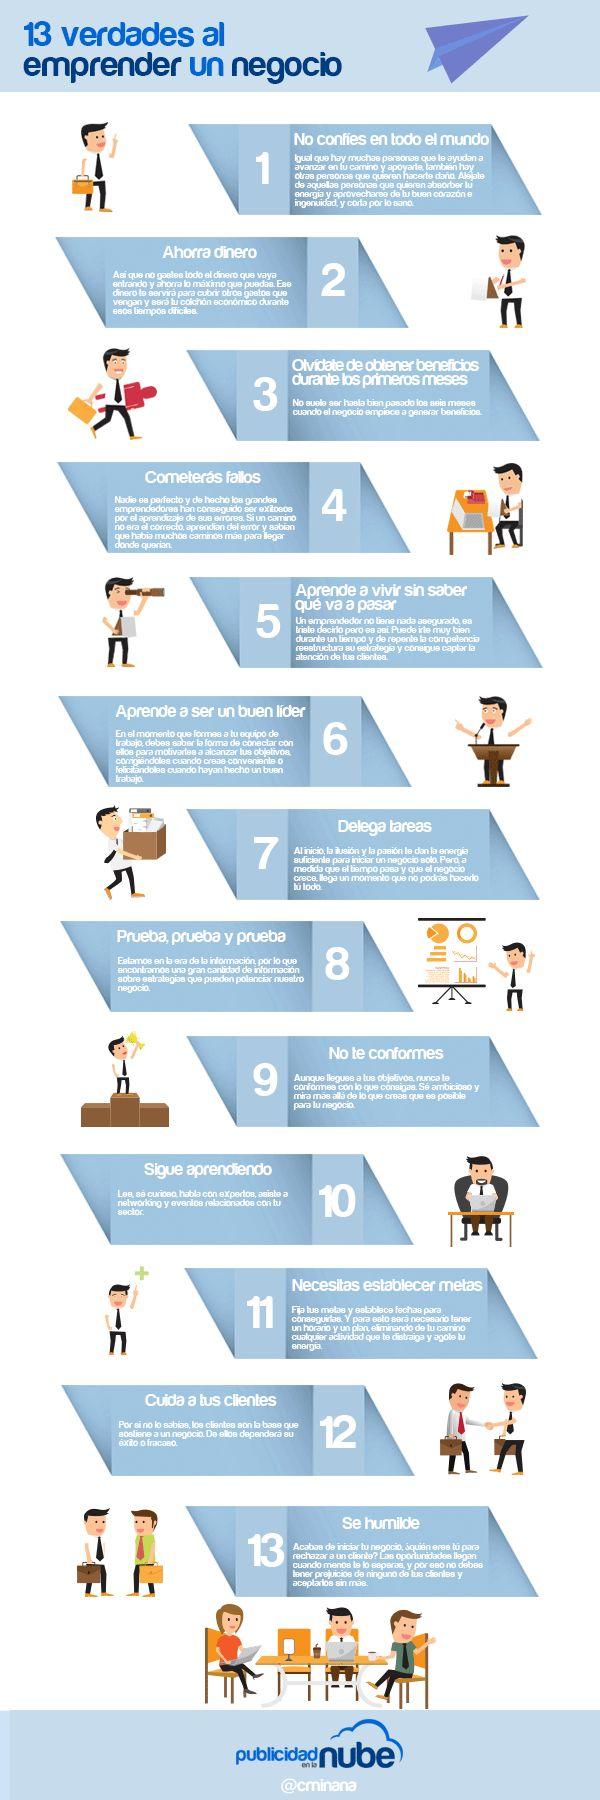 13 verdades al emprender un negocio.